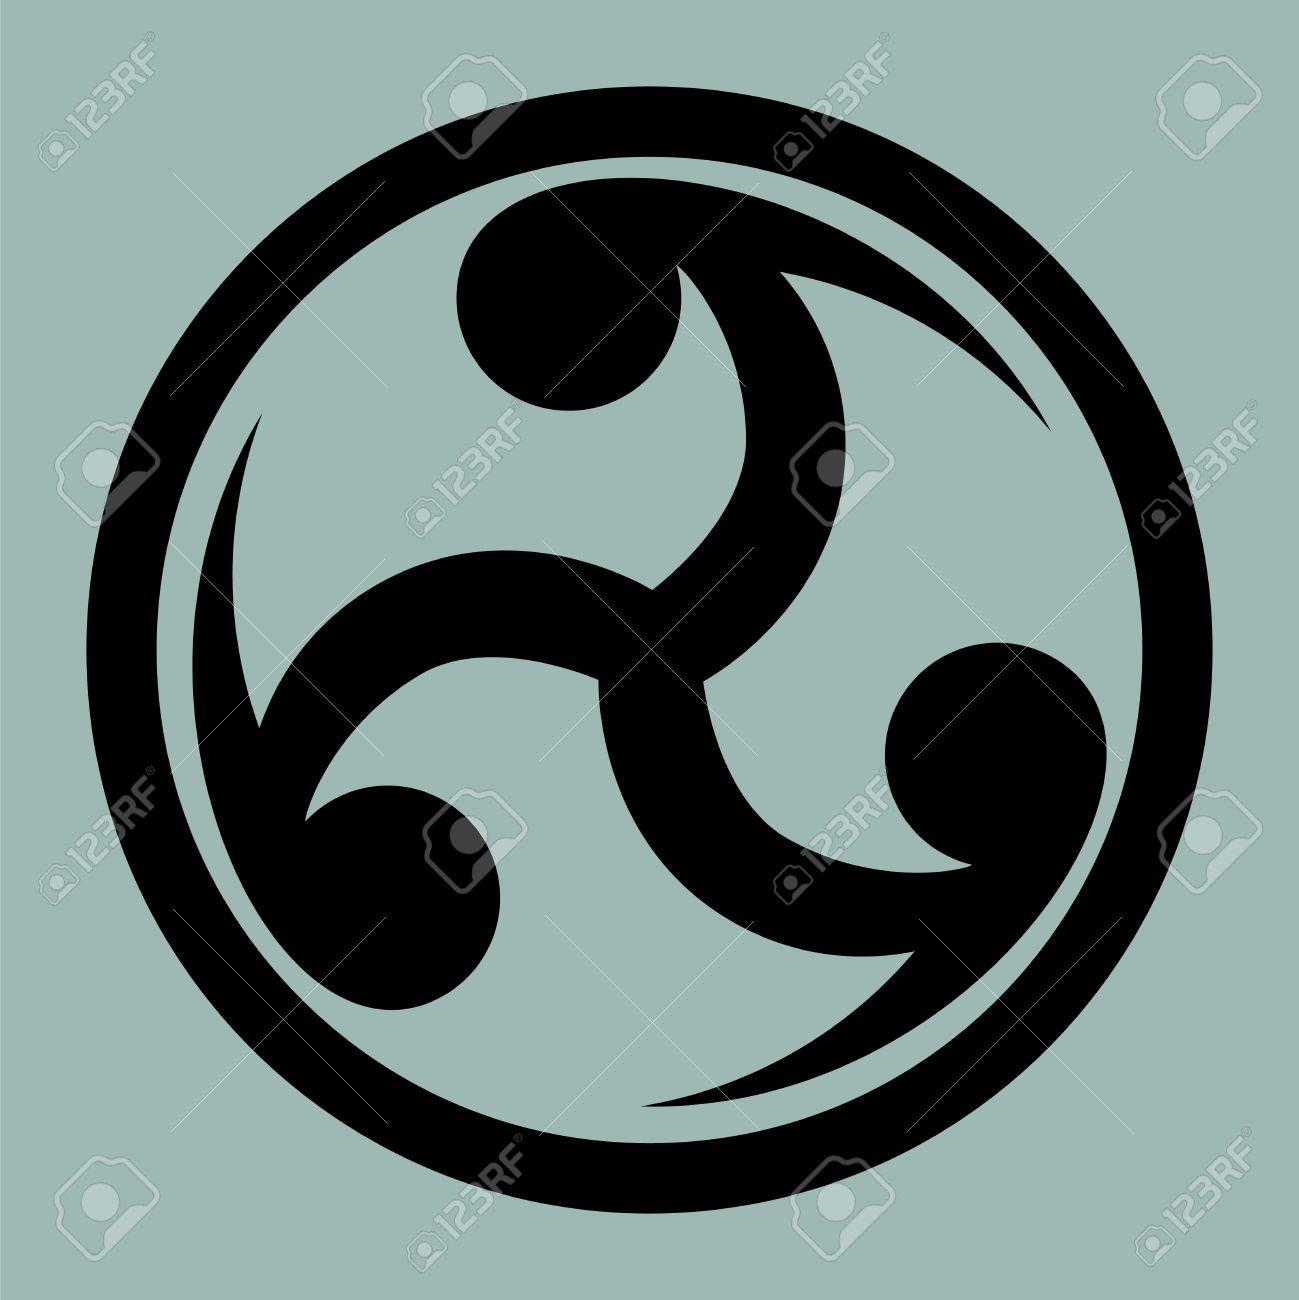 Zane D. Kenshin, el descamisetado favorito de todos. 64991195-mitsu-tomoe-s%C3%ADmbolo-japon%C3%A9s-como-una-representaci%C3%B3n-visual-del-ciclo-de-vida-s%C3%ADmbolo-creativa-para-la-plantil